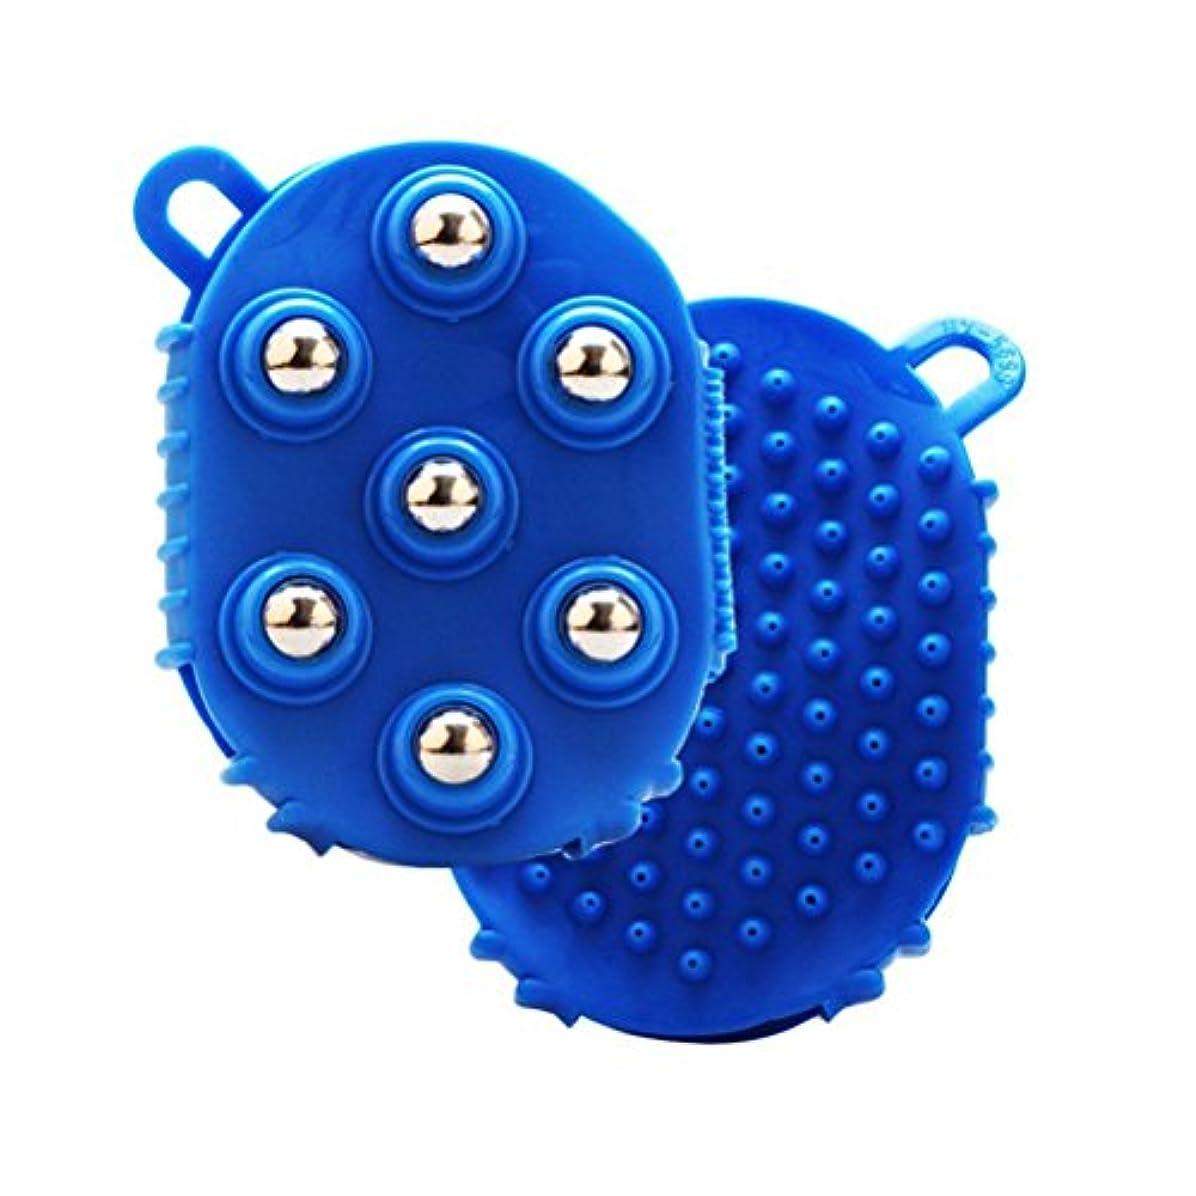 与える鉛つぶすULTNICE マッサージブラシ グローブバスブラシ 金属ローリングボール 痛みの筋肉の痛みを軽減する(青)